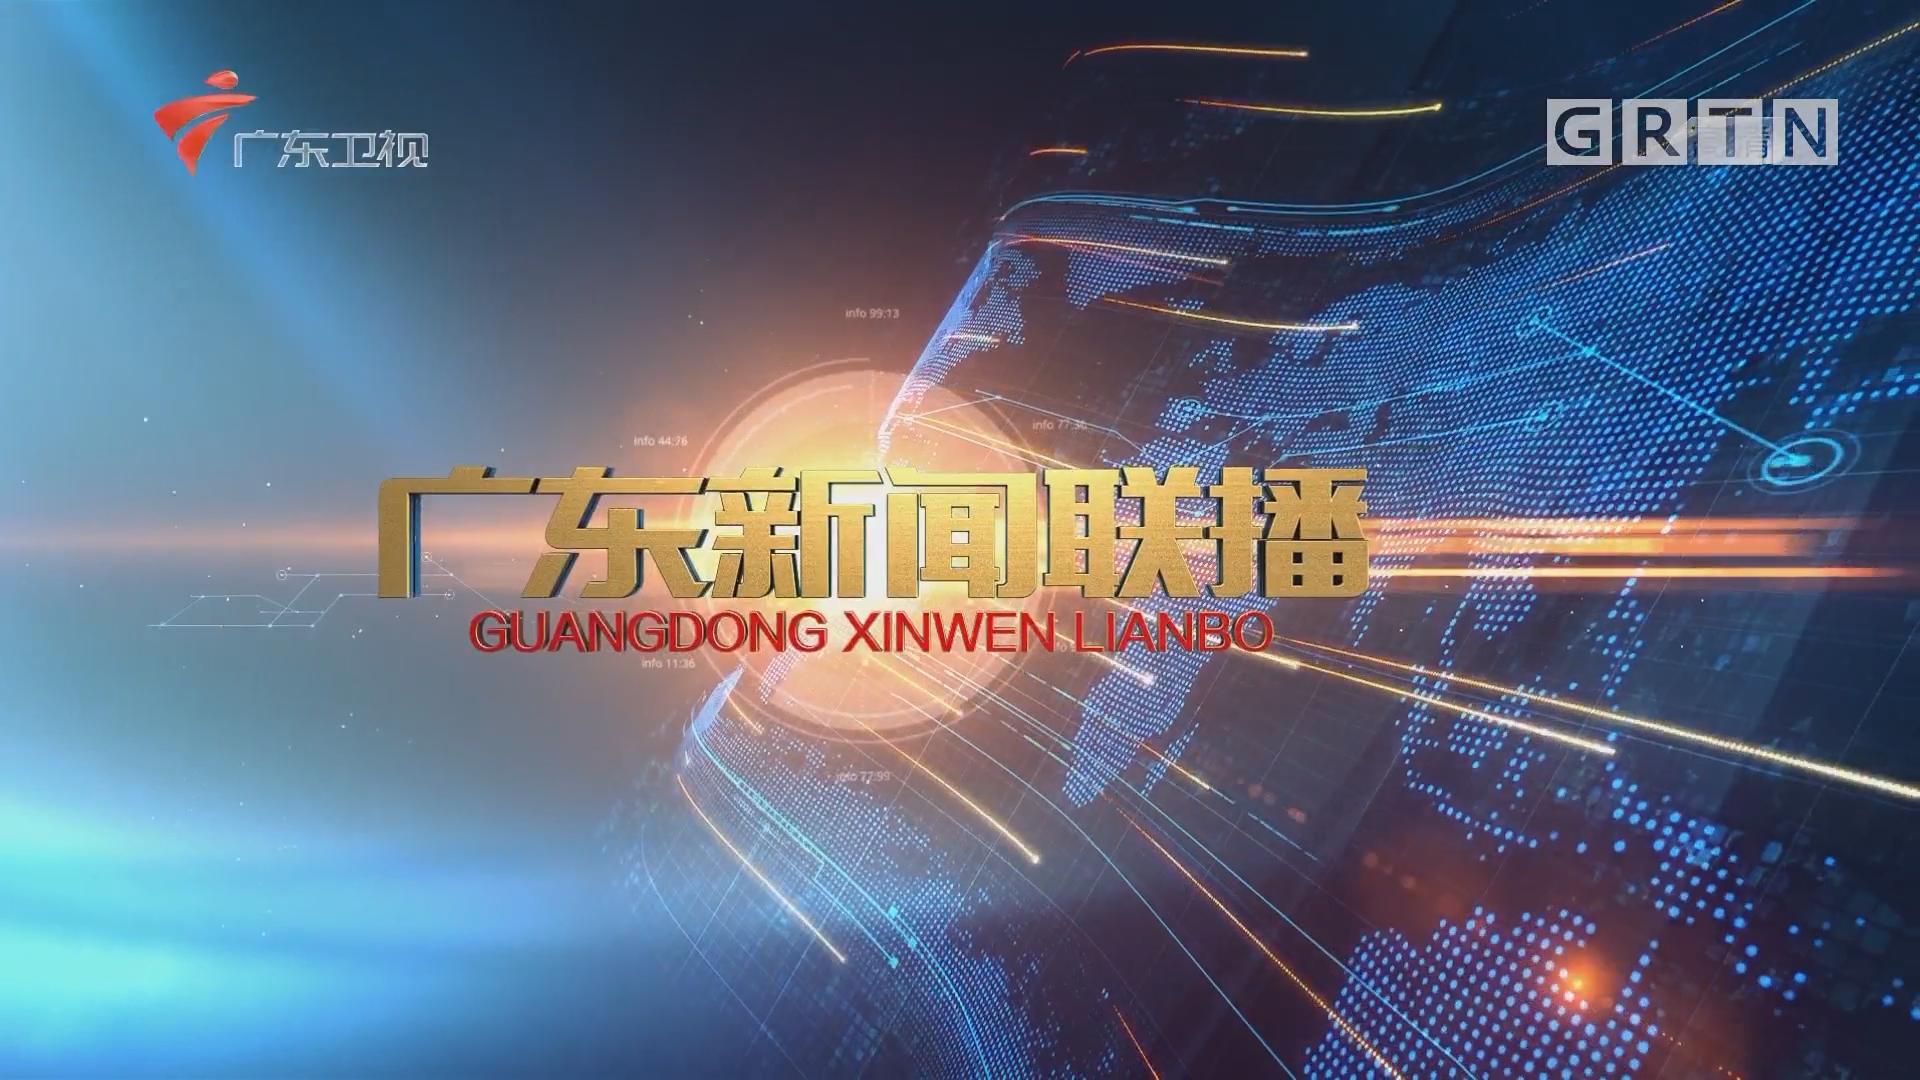 [HD][2018-12-01]广东新闻联播:李希会见以色列驻华大使何泽伟